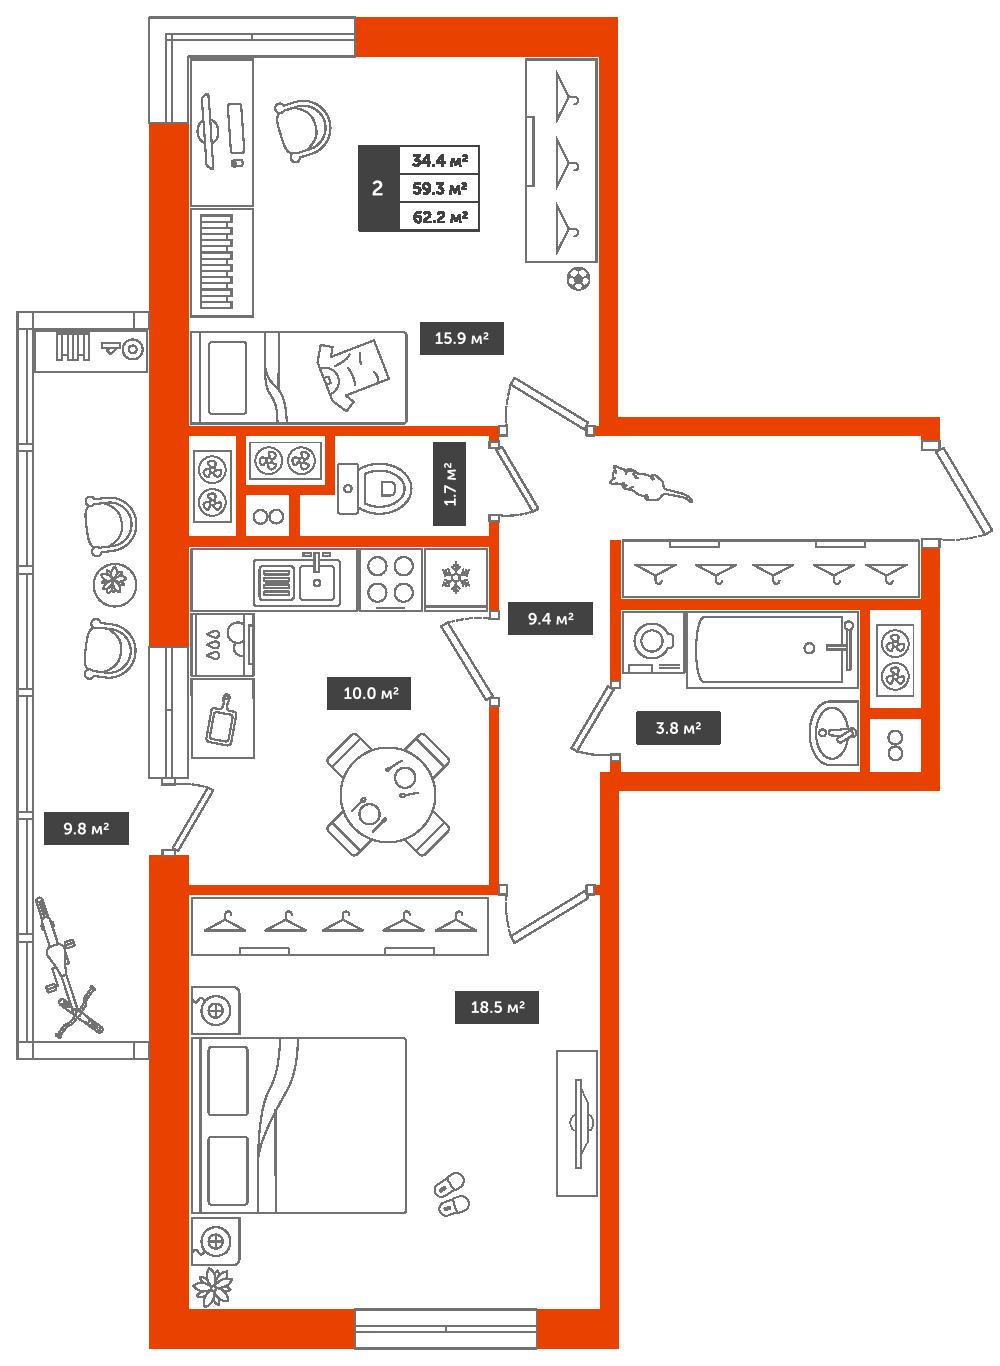 2-комнатная квартира, 62.2м² за 6,7 млн руб.